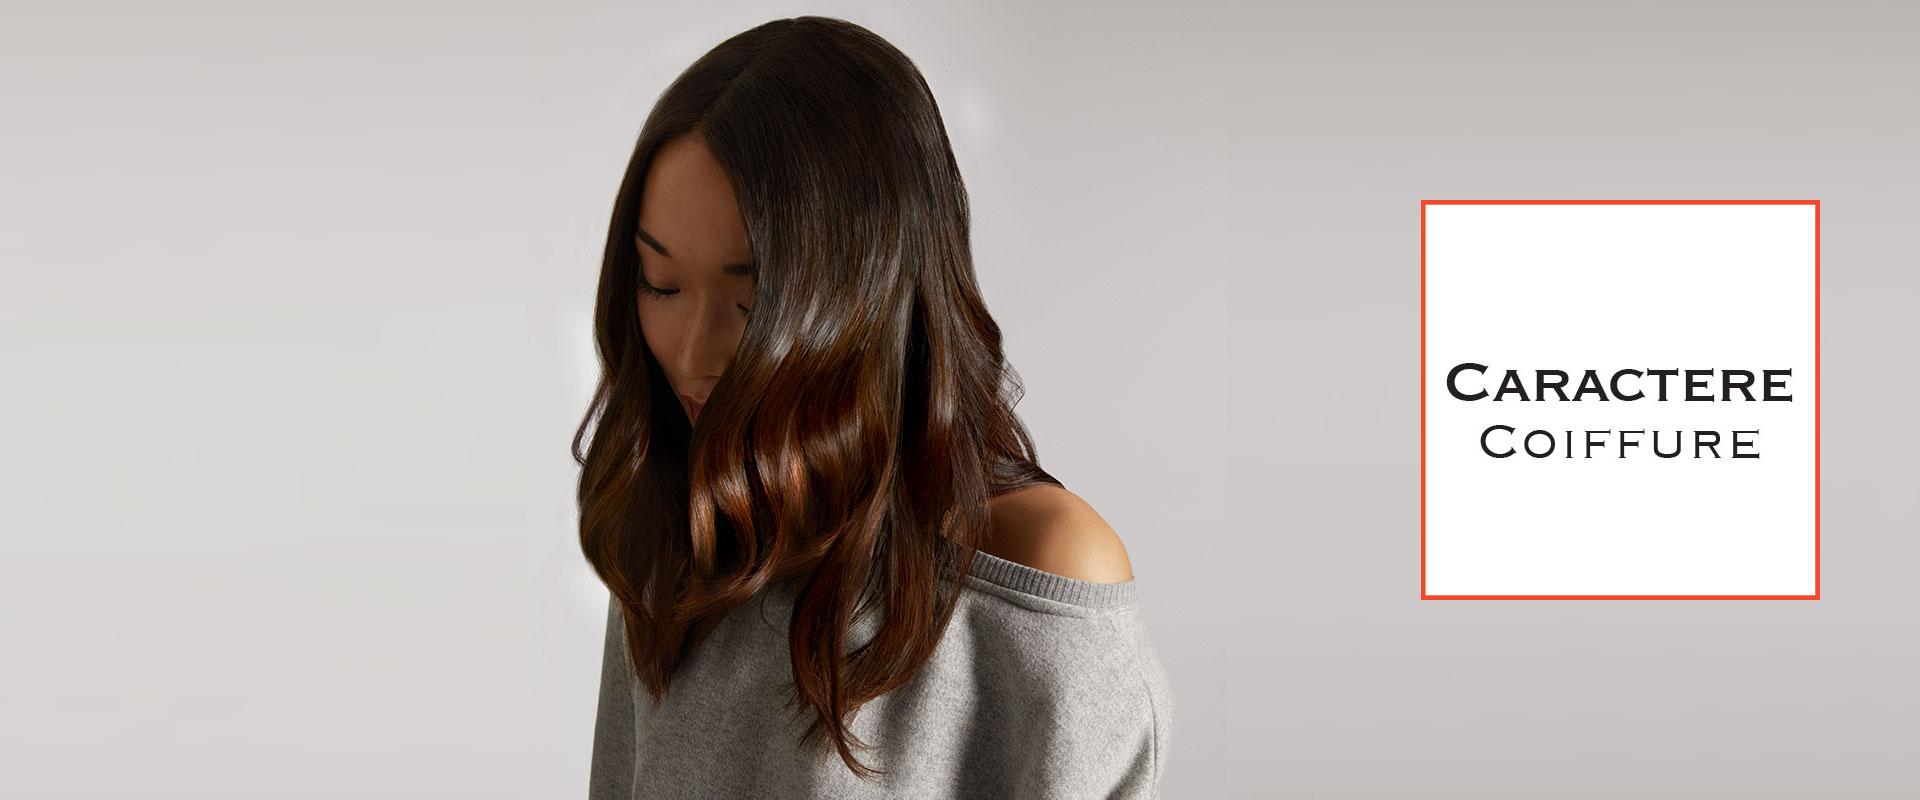 caractere-coiffure-slider1